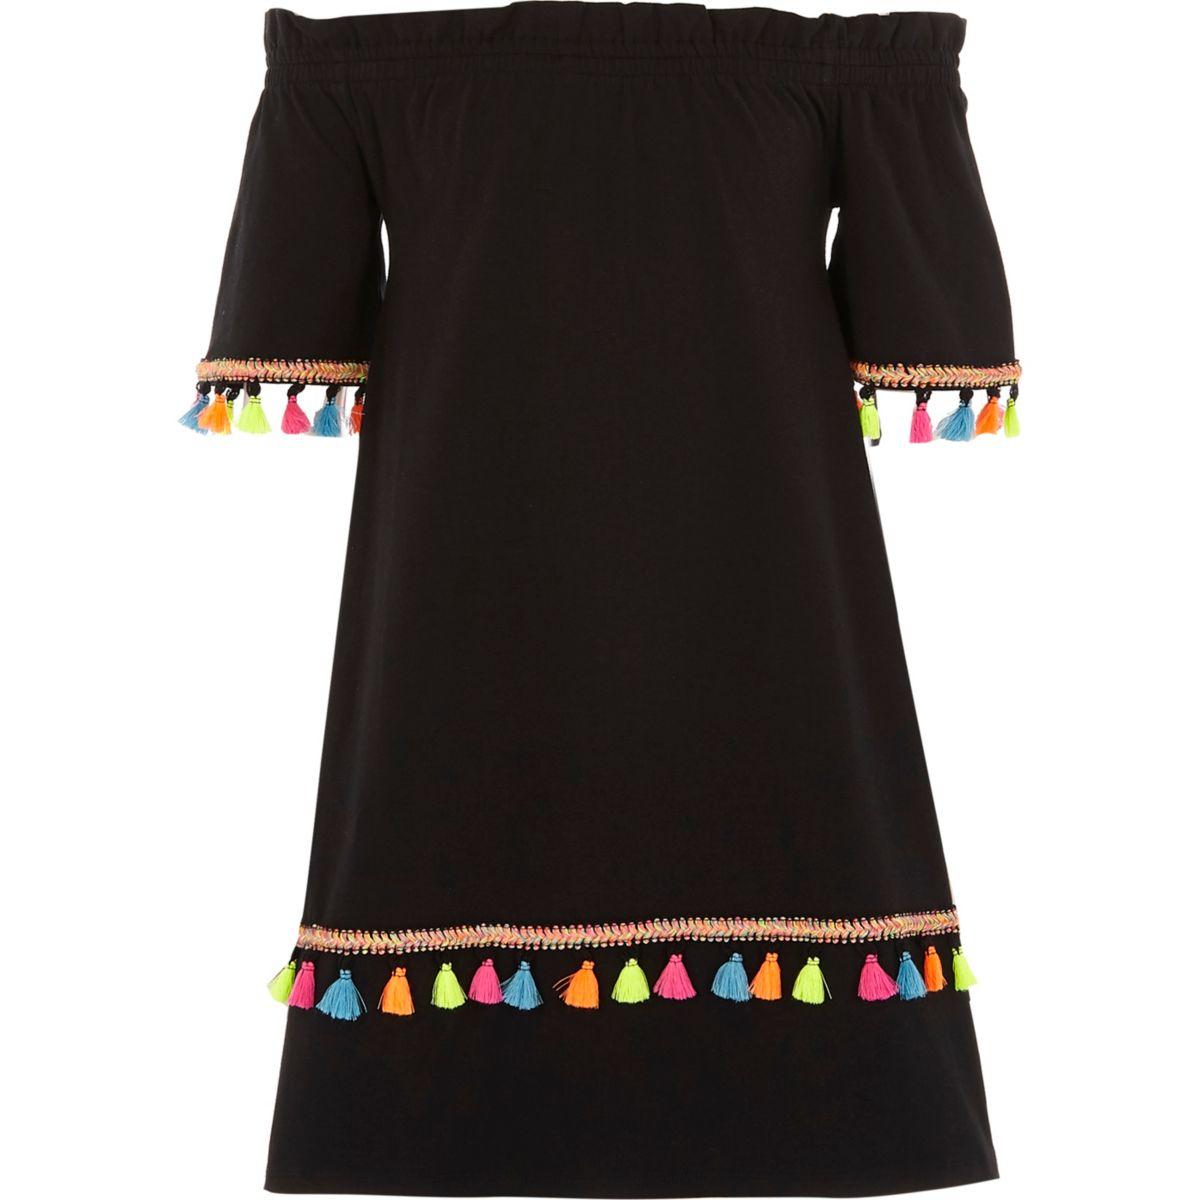 Schwarzes Bardot-Kleid mit Quastenverzierung